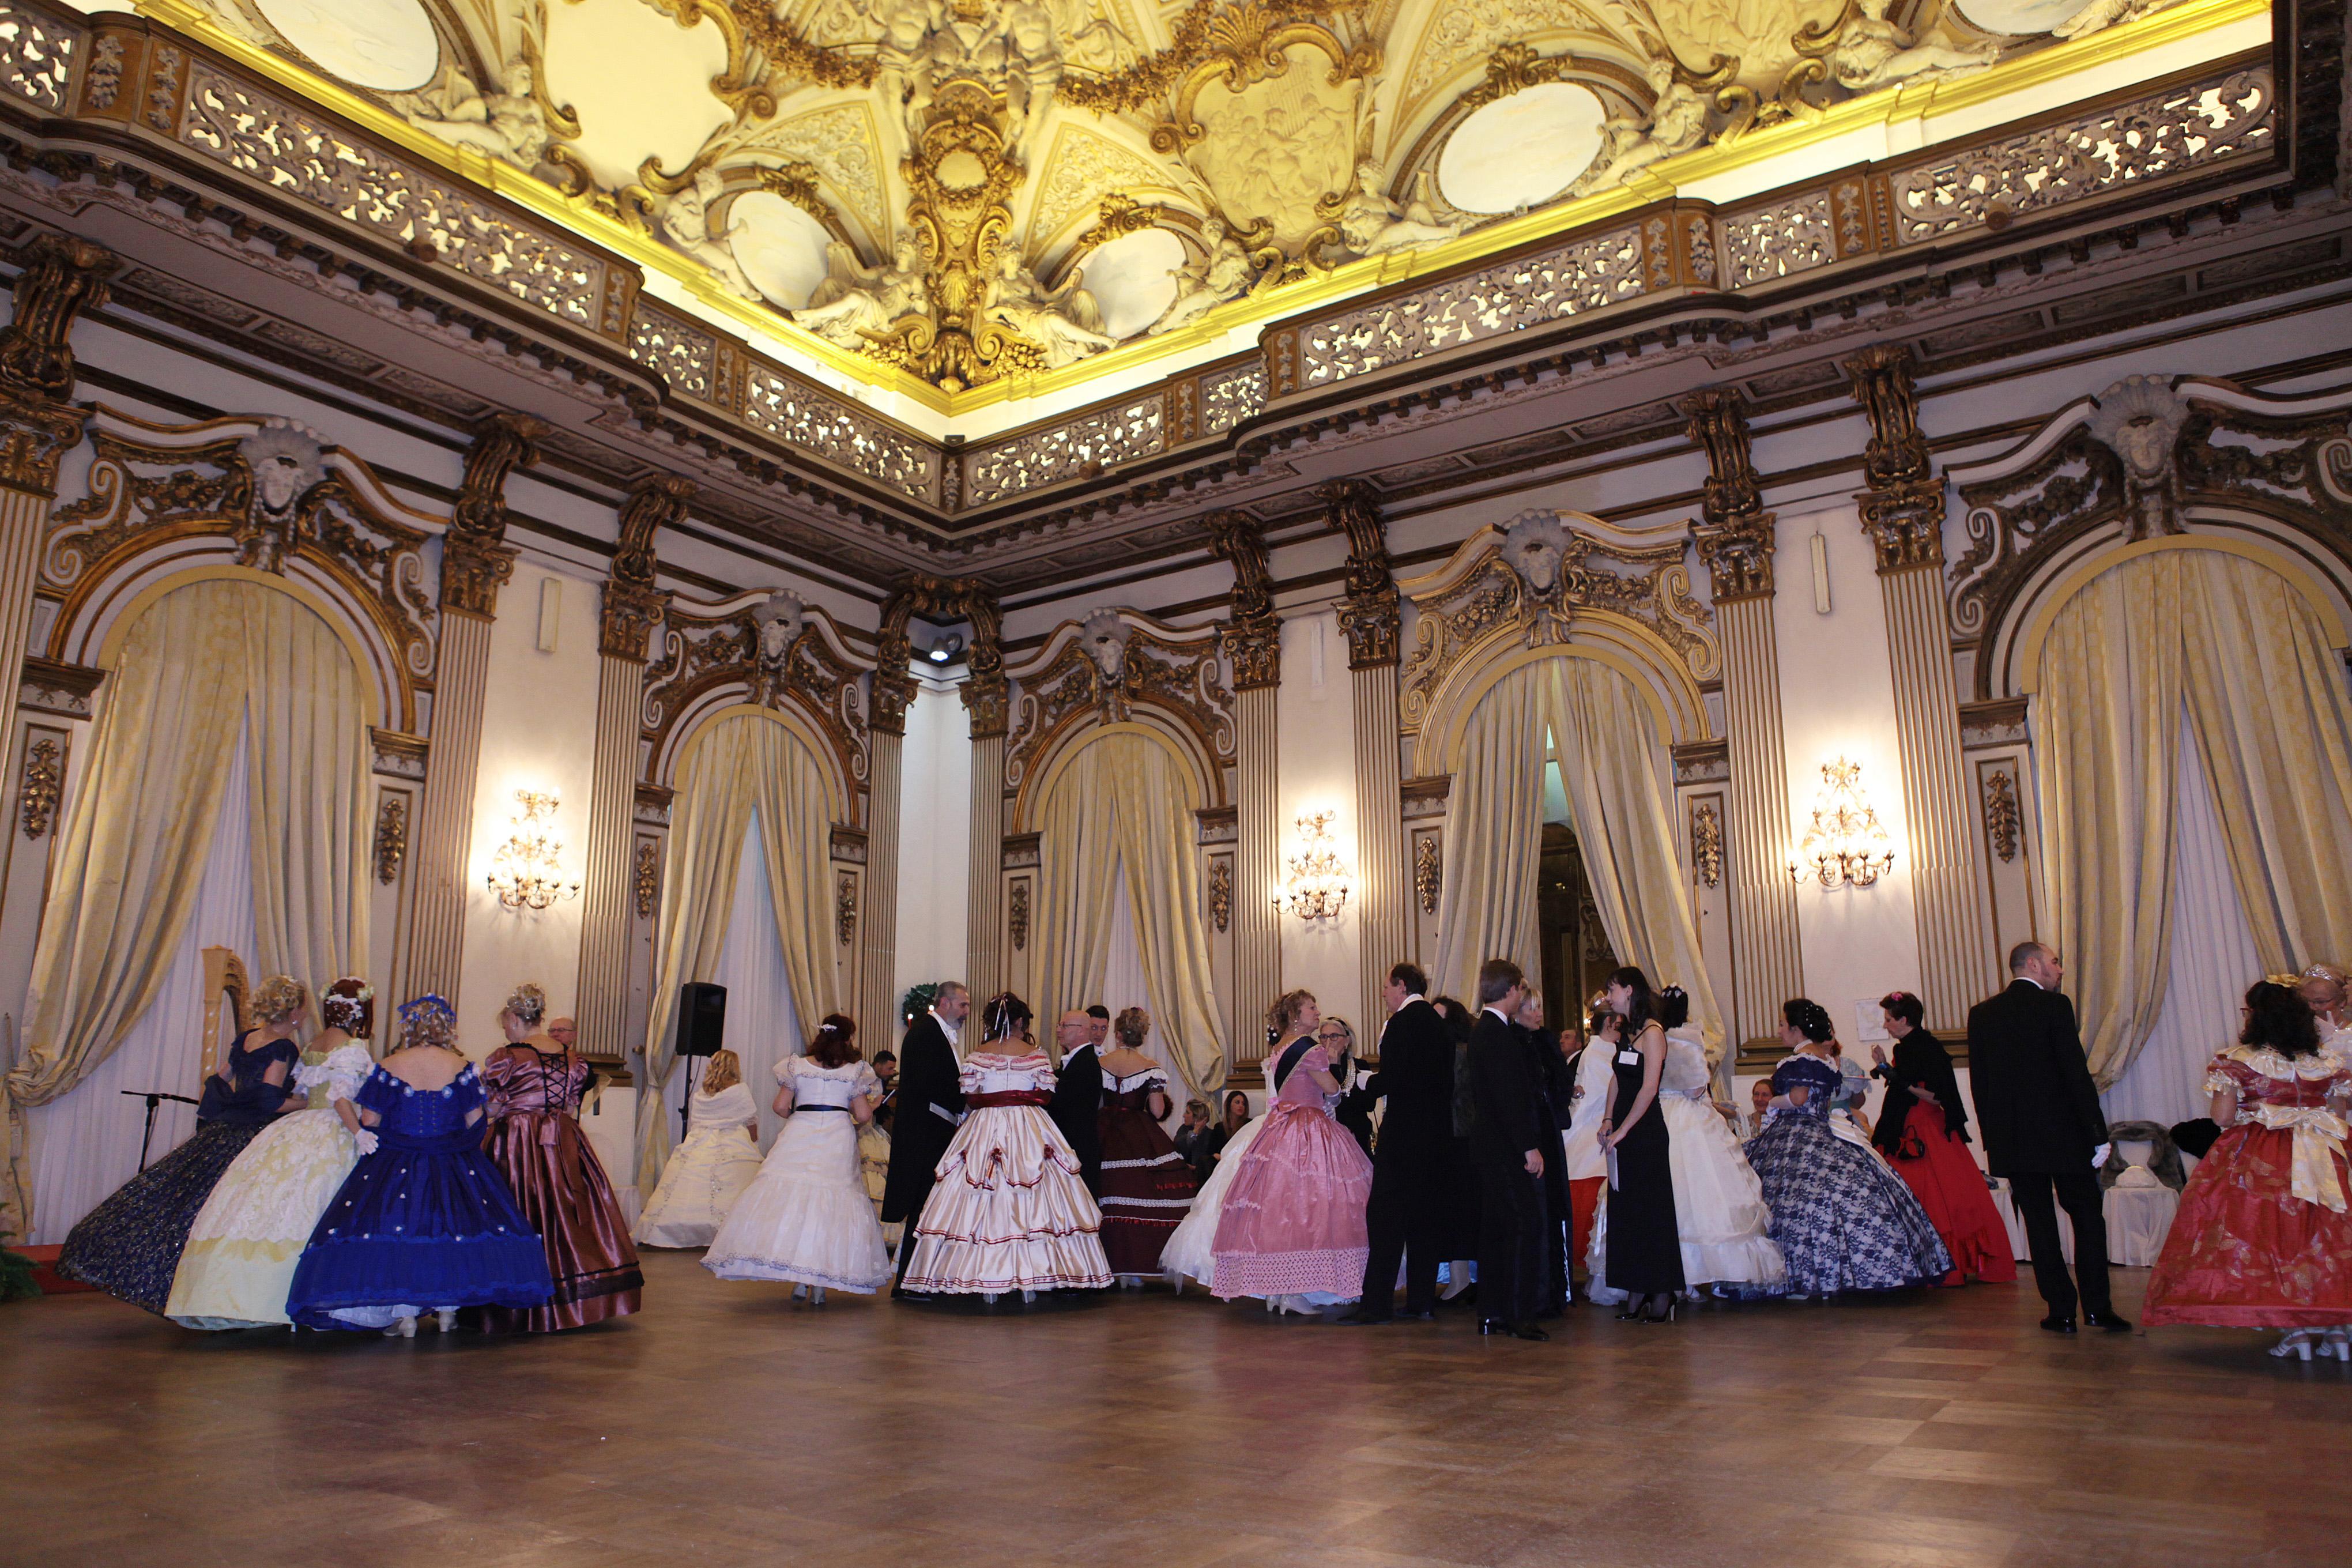 Gli ospitidella serata con i tradizionali costumi d'epoca\n